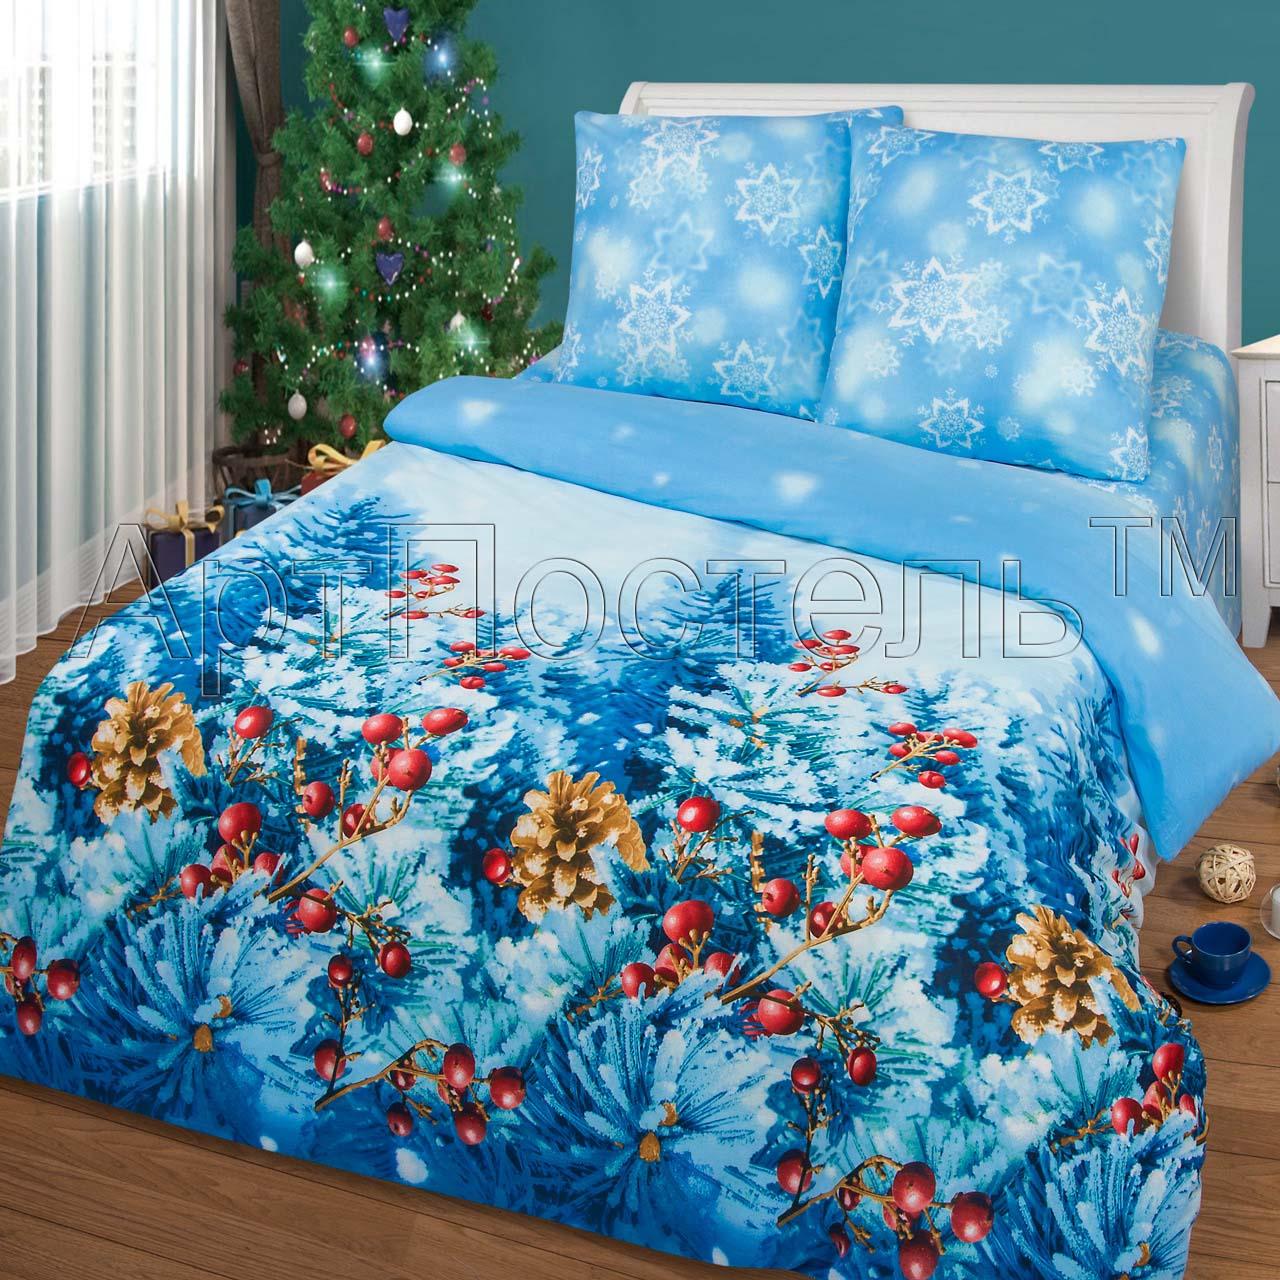 altinbasak турецкое постельное белье